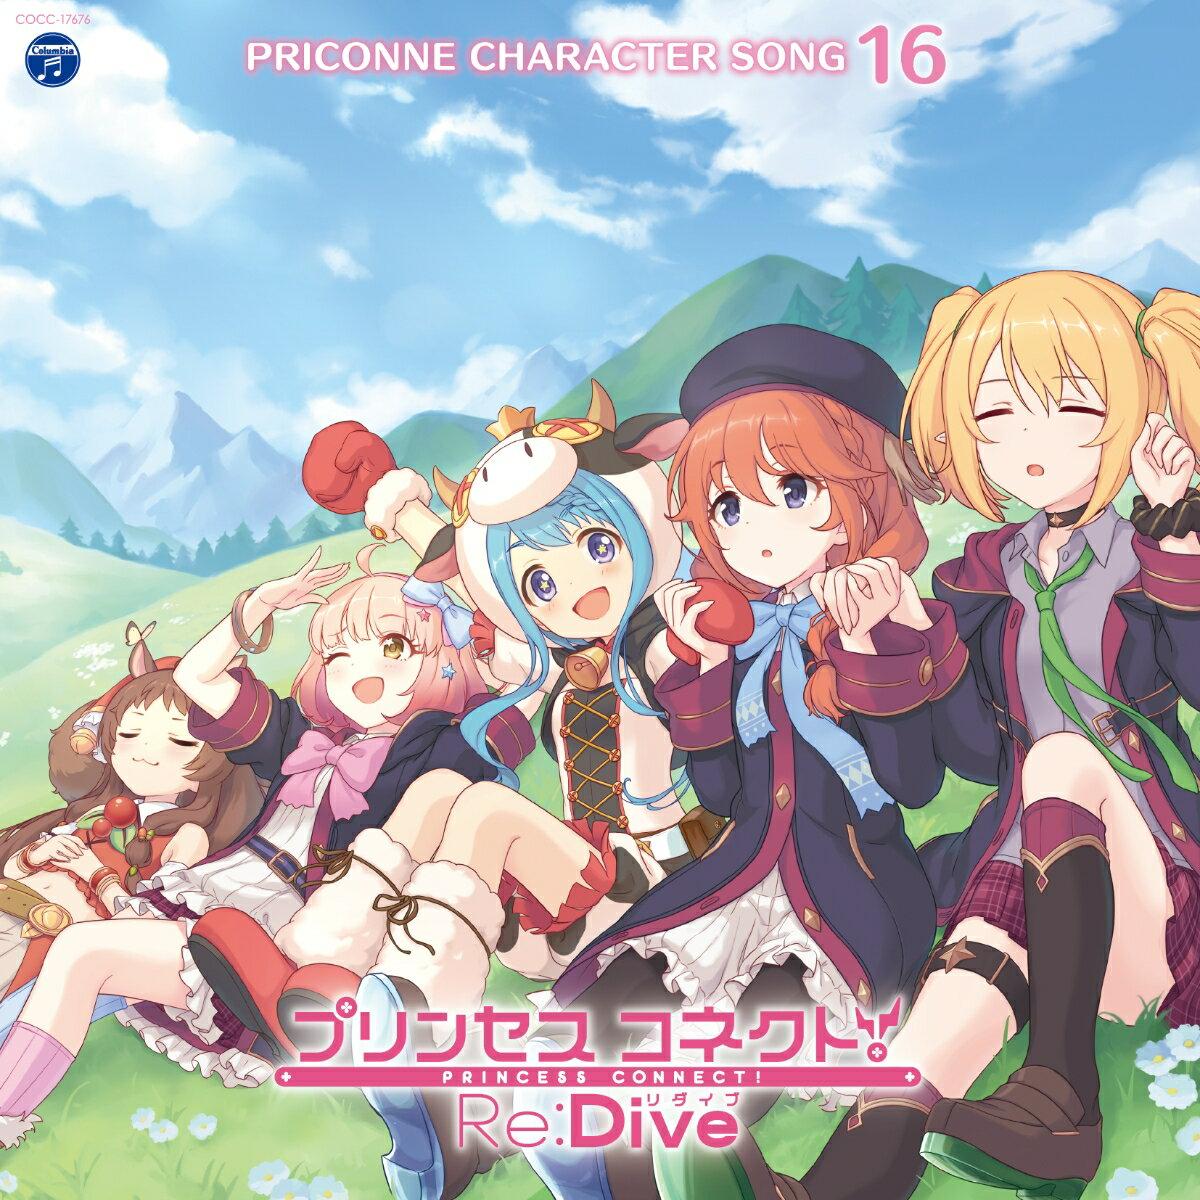 プリンセスコネクト!Re:Dive PRICONNE CHARACTER SONG 16画像